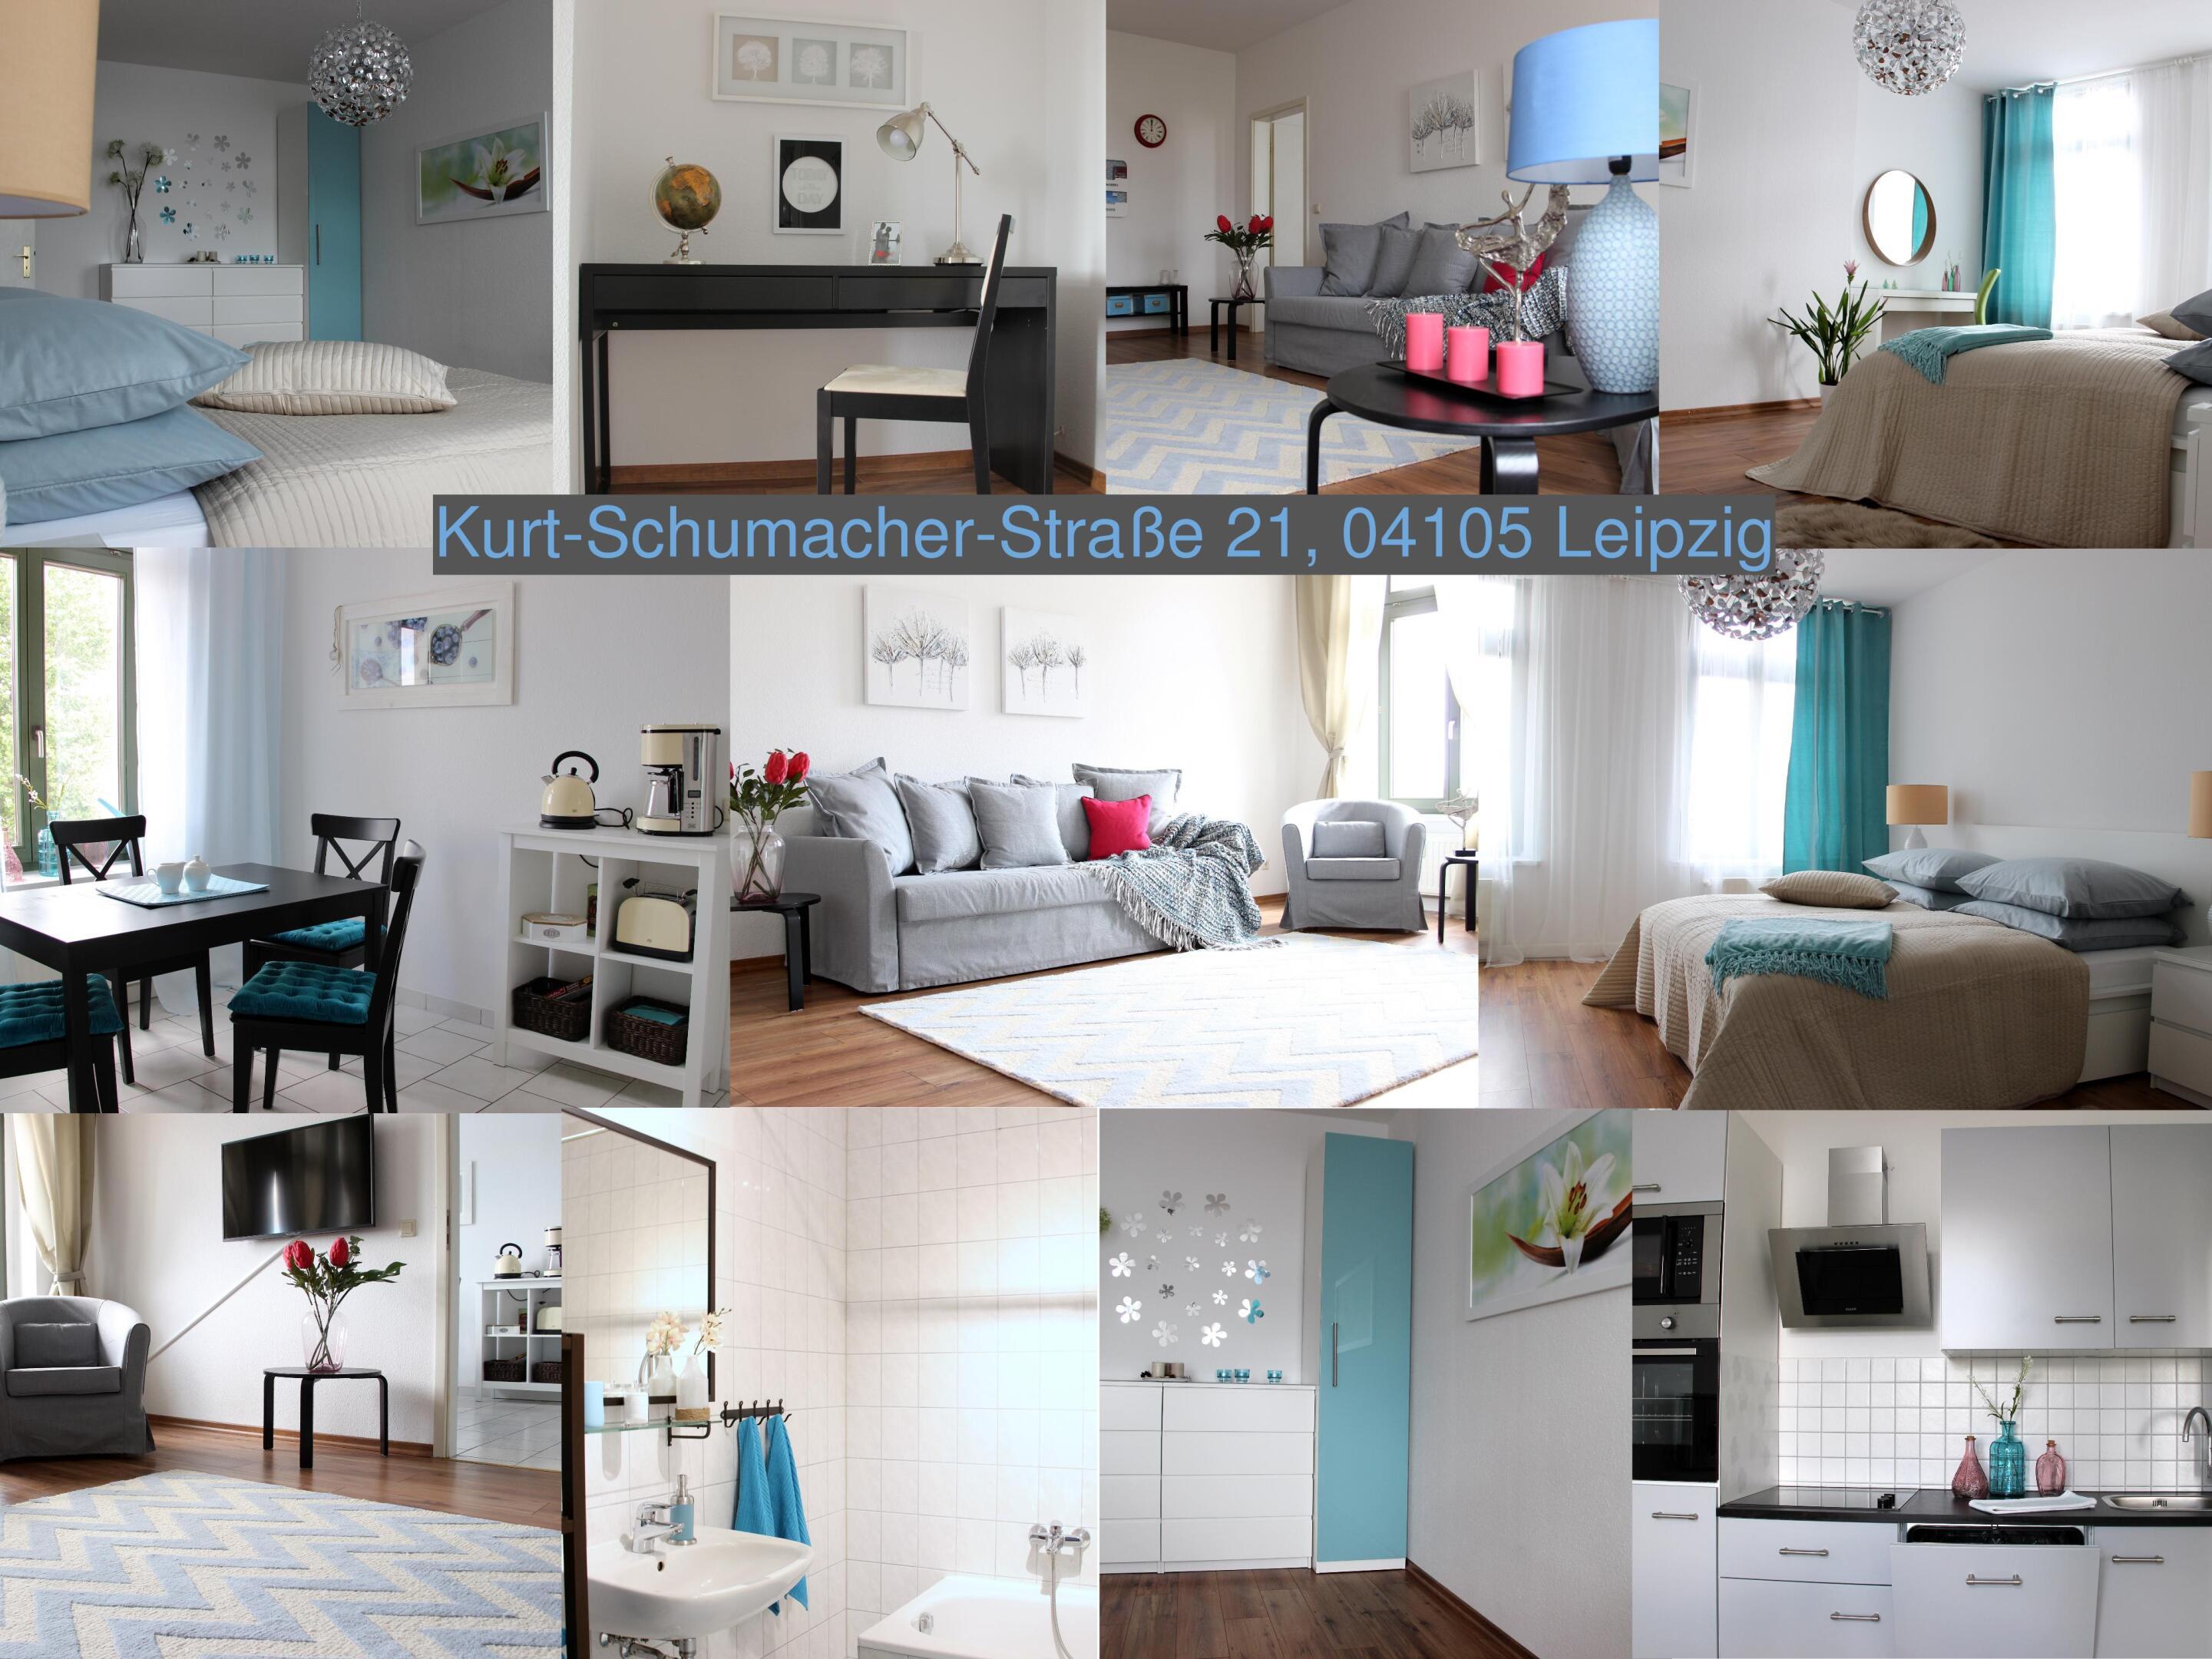 Apartment-Premium-Eigenes Badezimmer-Kurt-Schumacher-Straße 21 - Basistarif